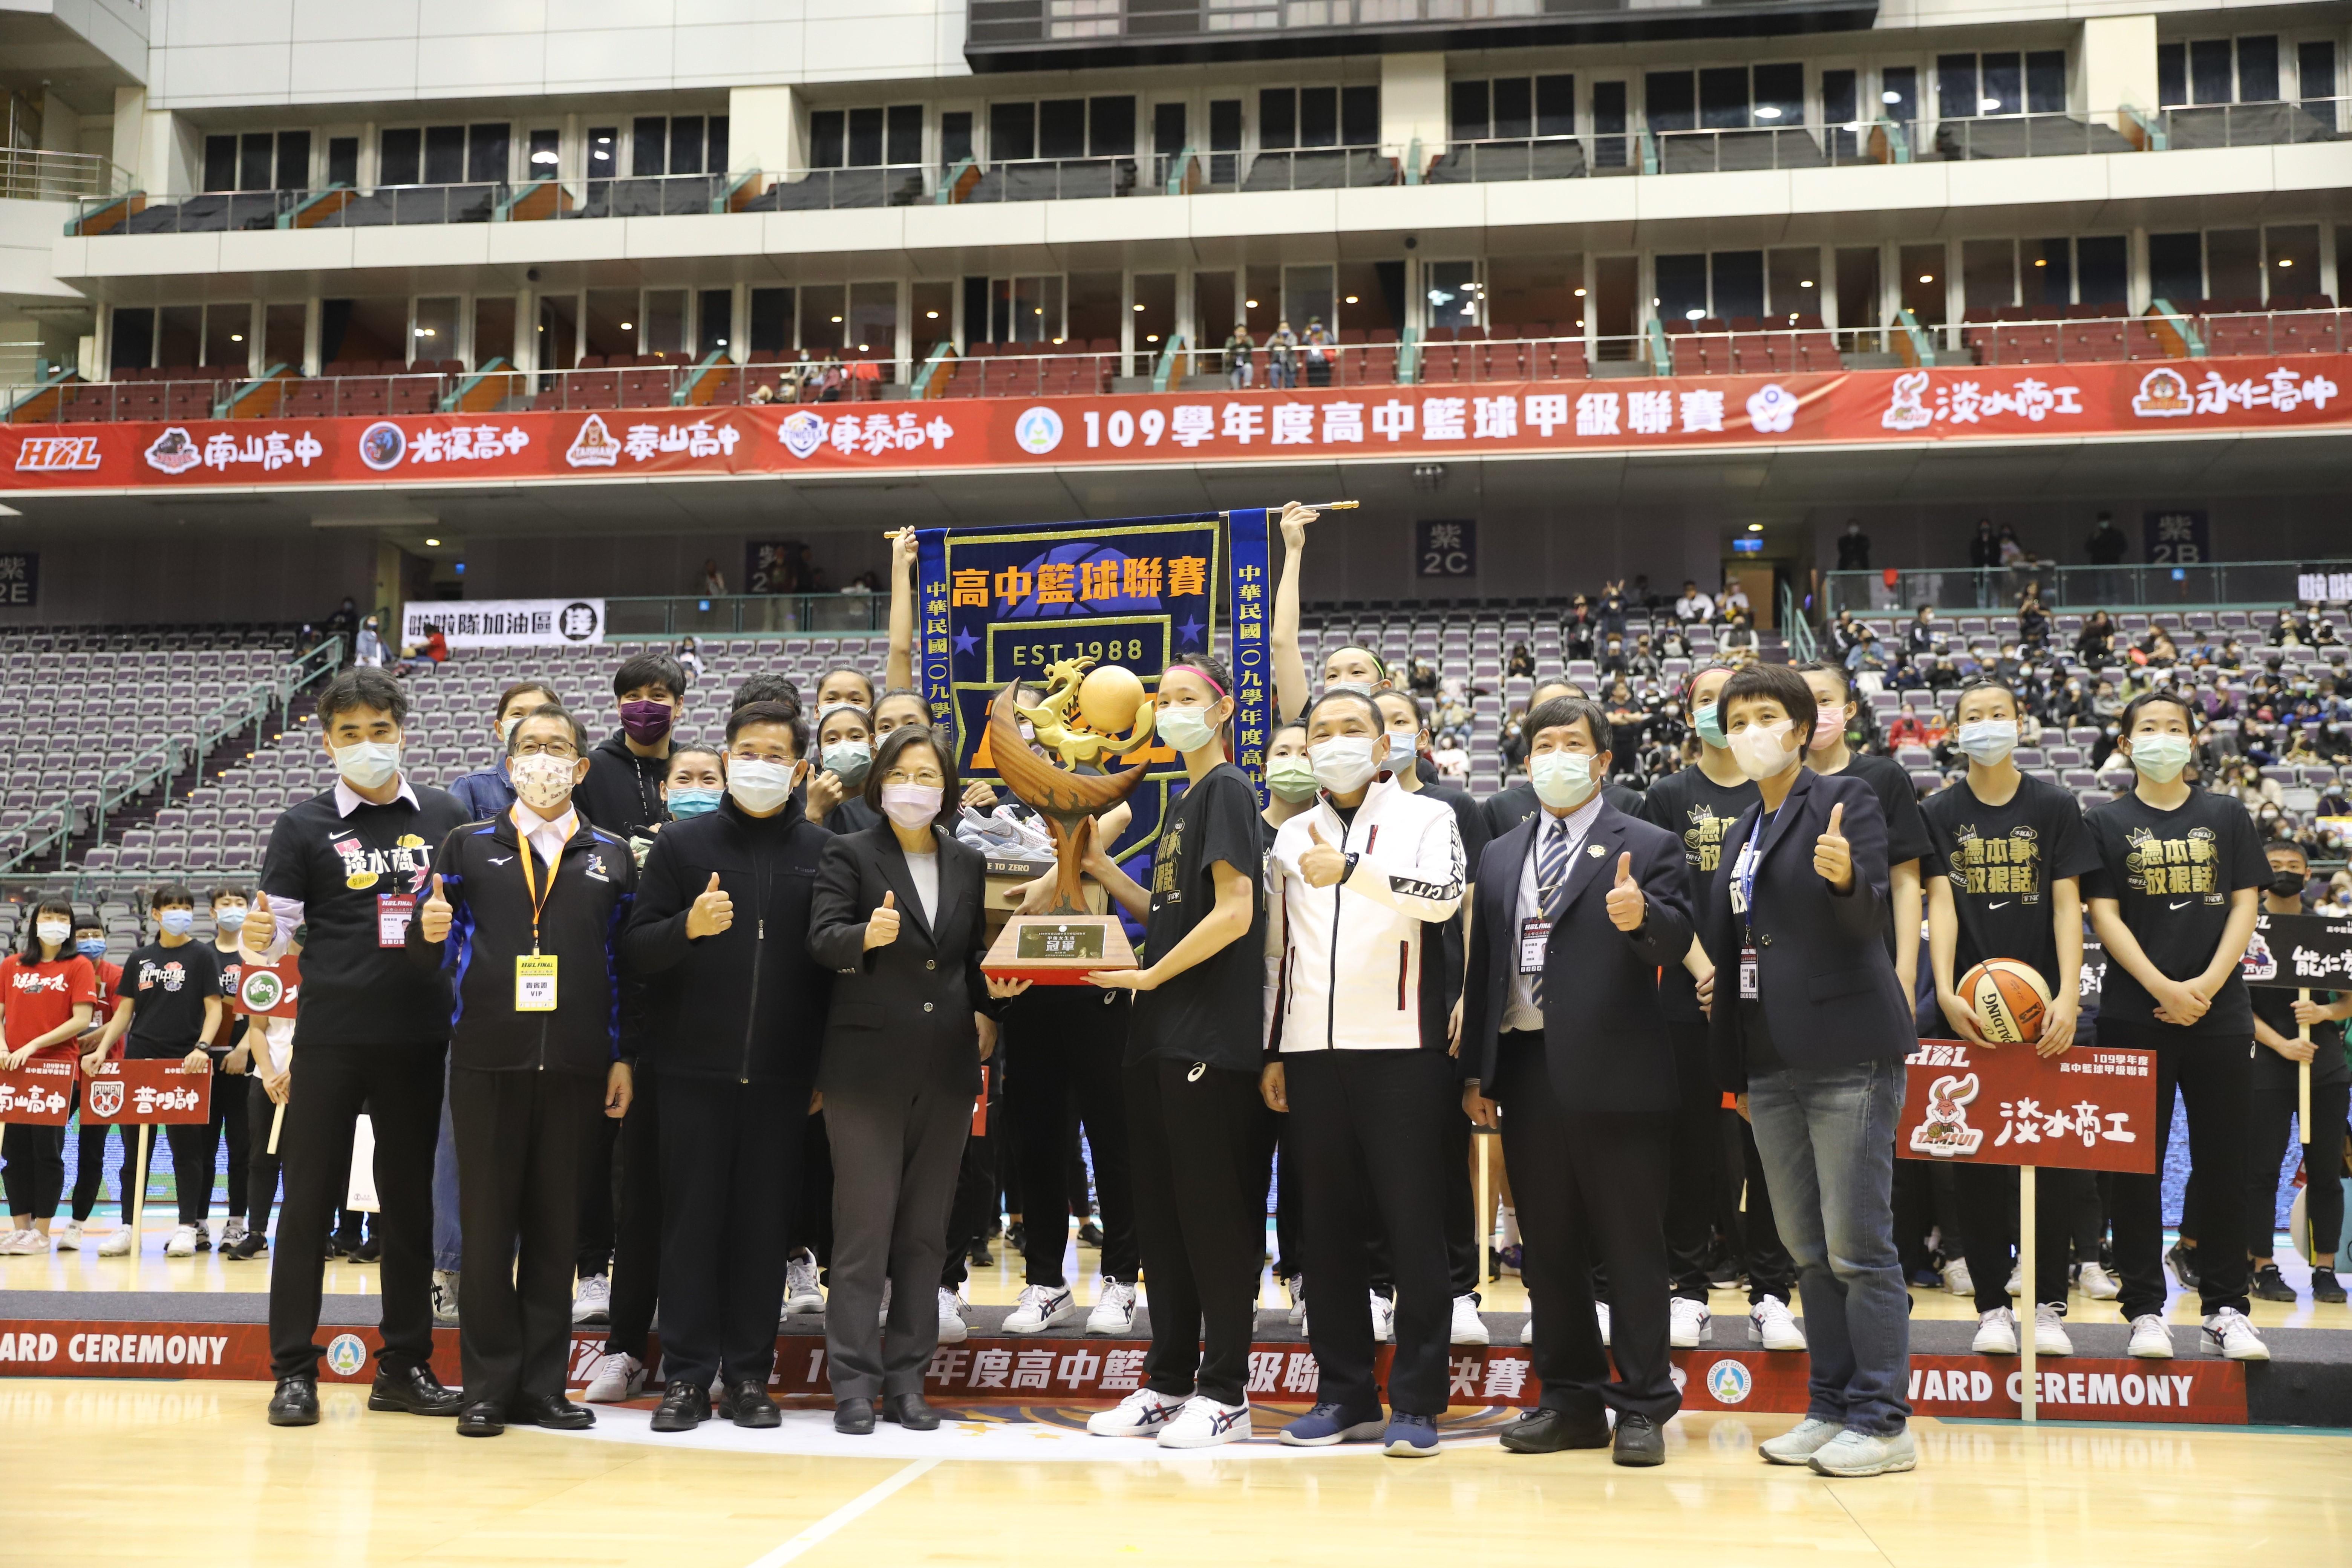 (附件照片1)1101013-1-學校體育貢獻獎得主_中華民國高級中等學校體育總會_大圖